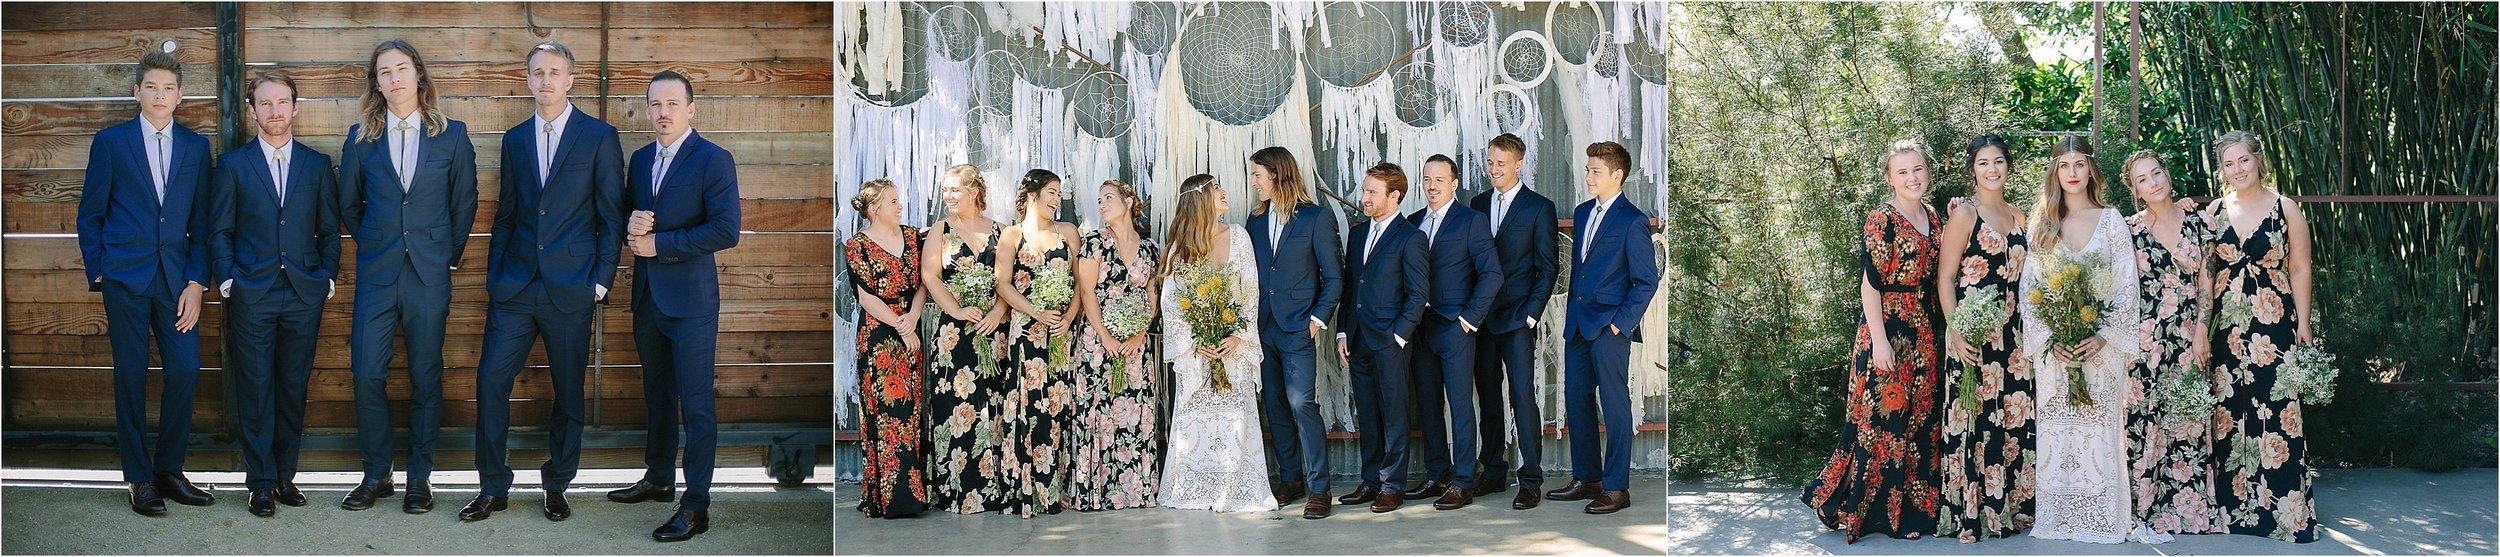 Elysian LA Bridal Party Portraits